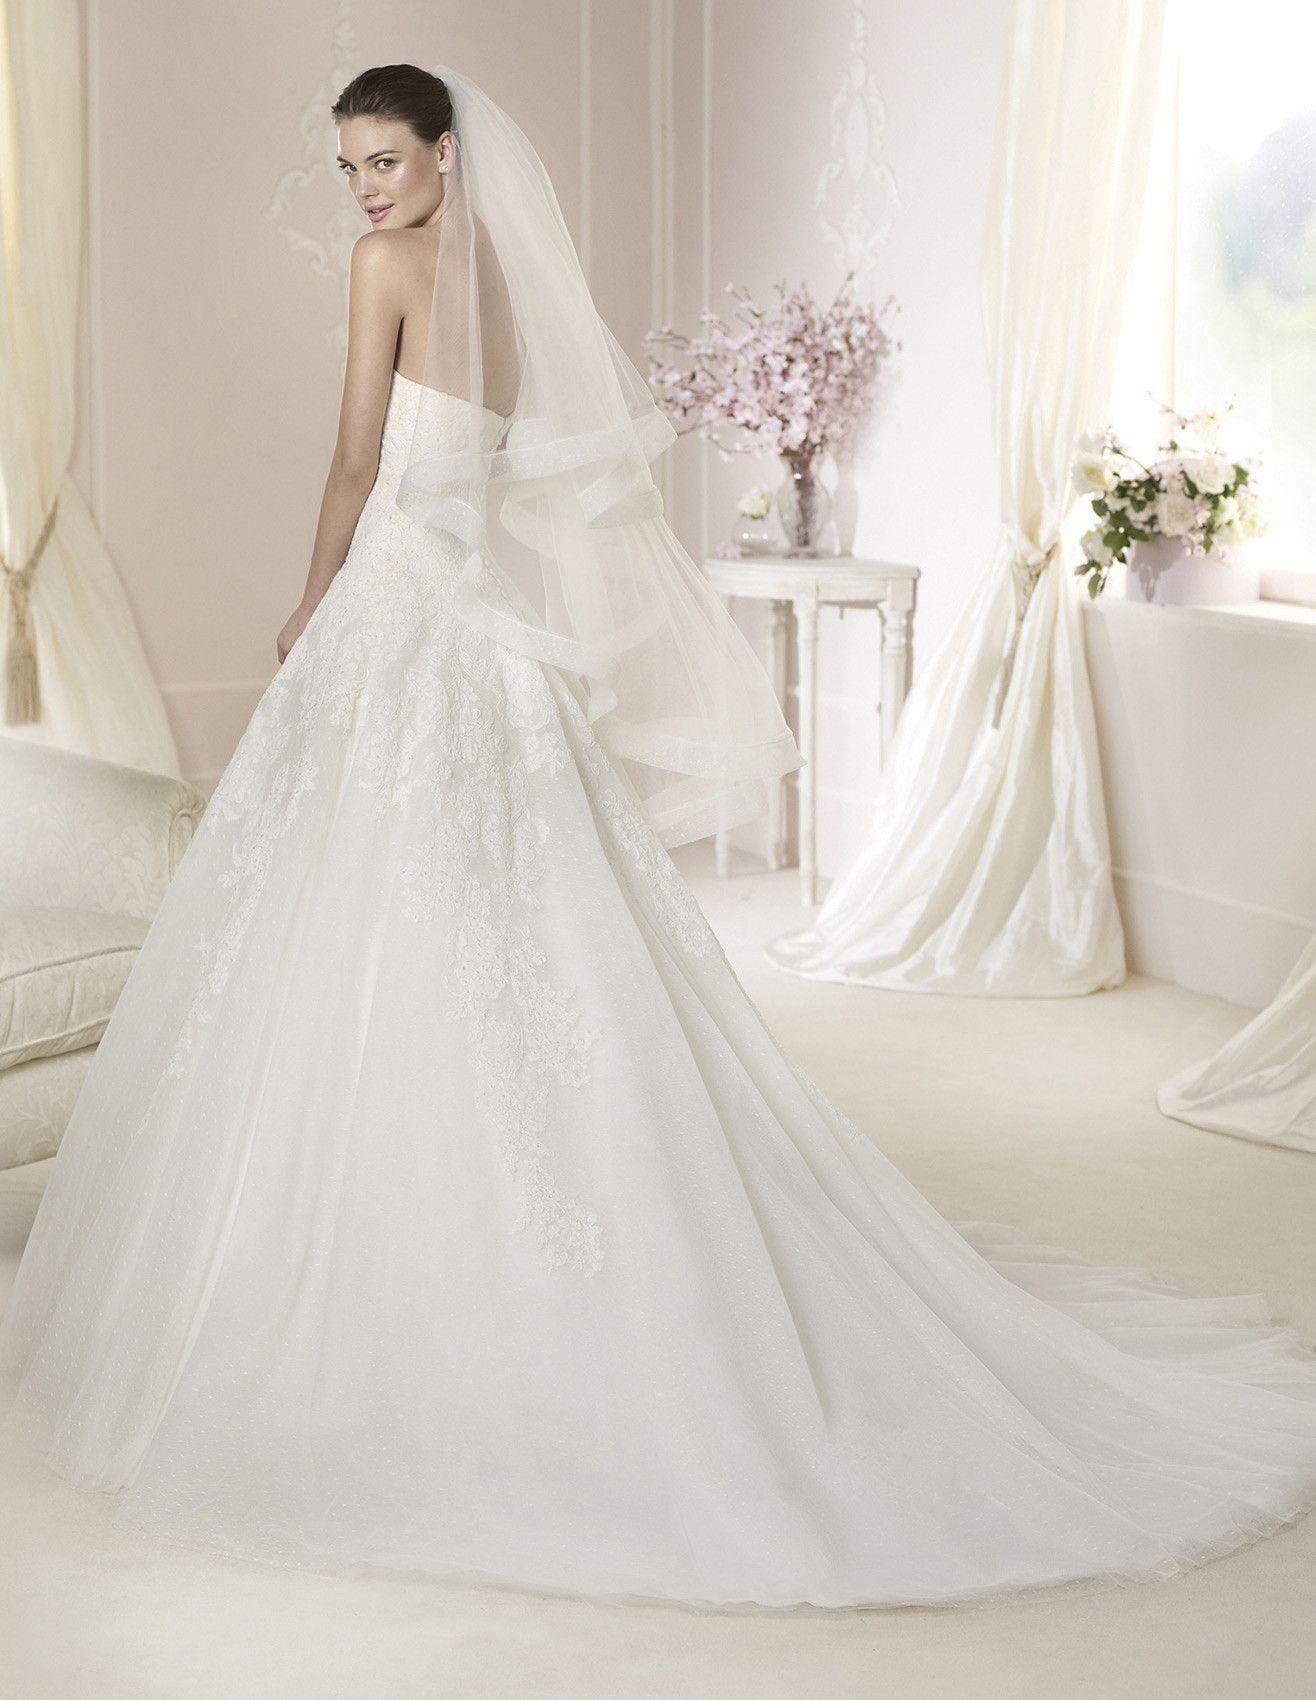 White e DARLENE Wedding dresses White e